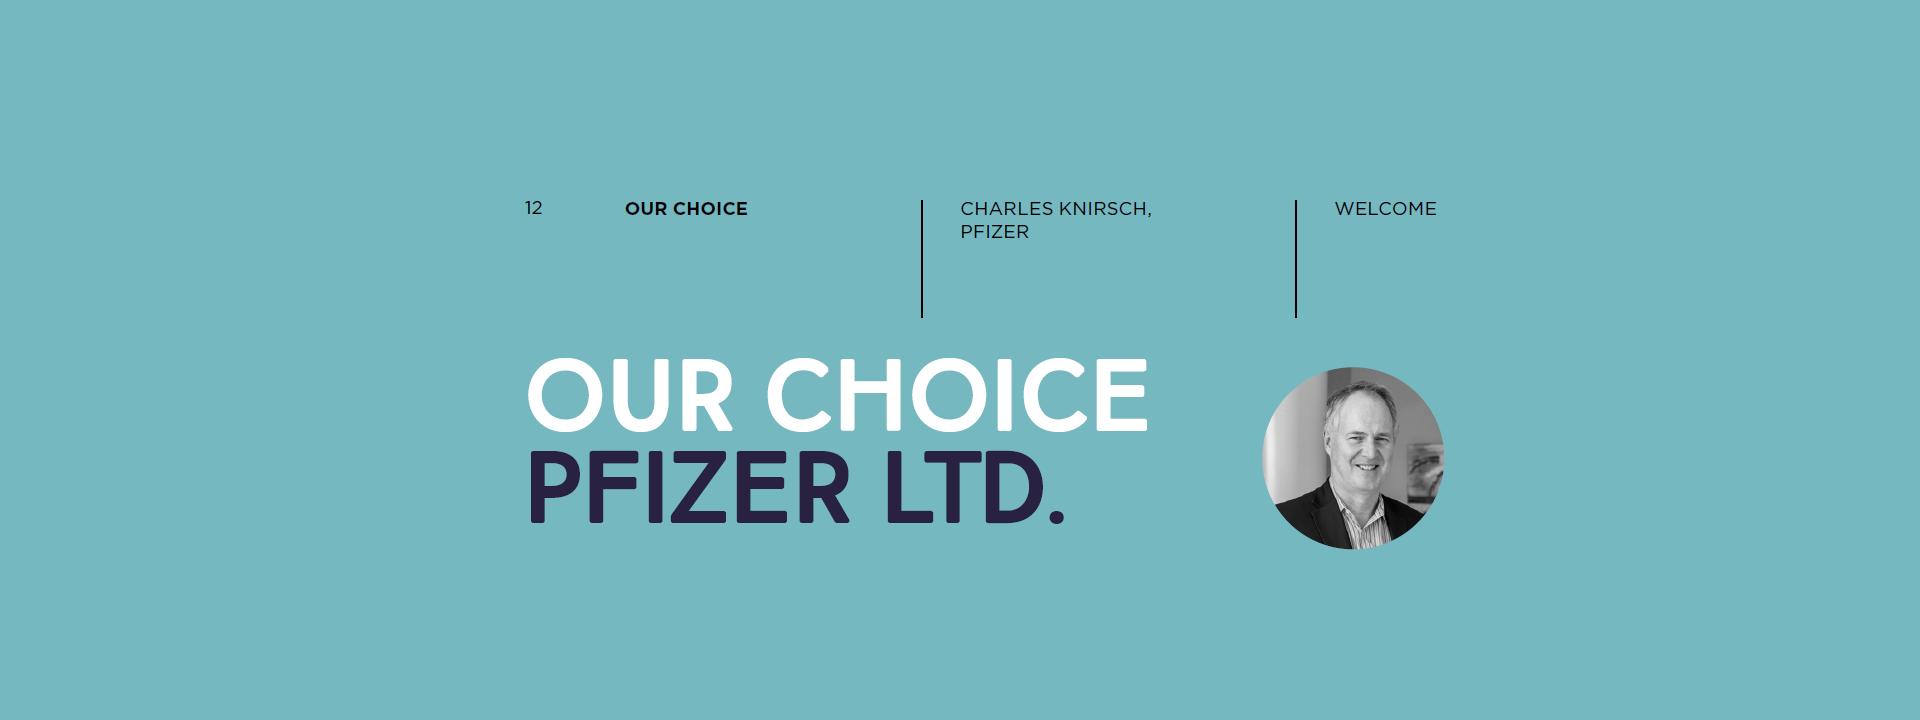 Our Choice: Pfizer Ltd  - Combacte